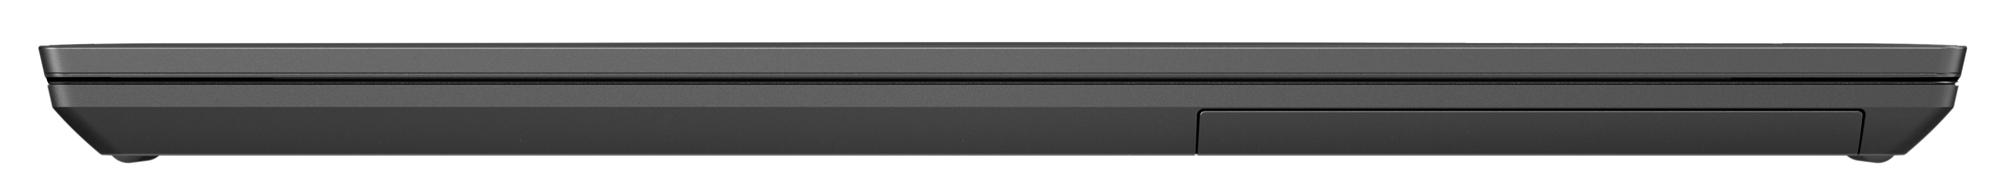 Фото  Ноутбук Lenovo V330-14 Grey (81B00076RA)